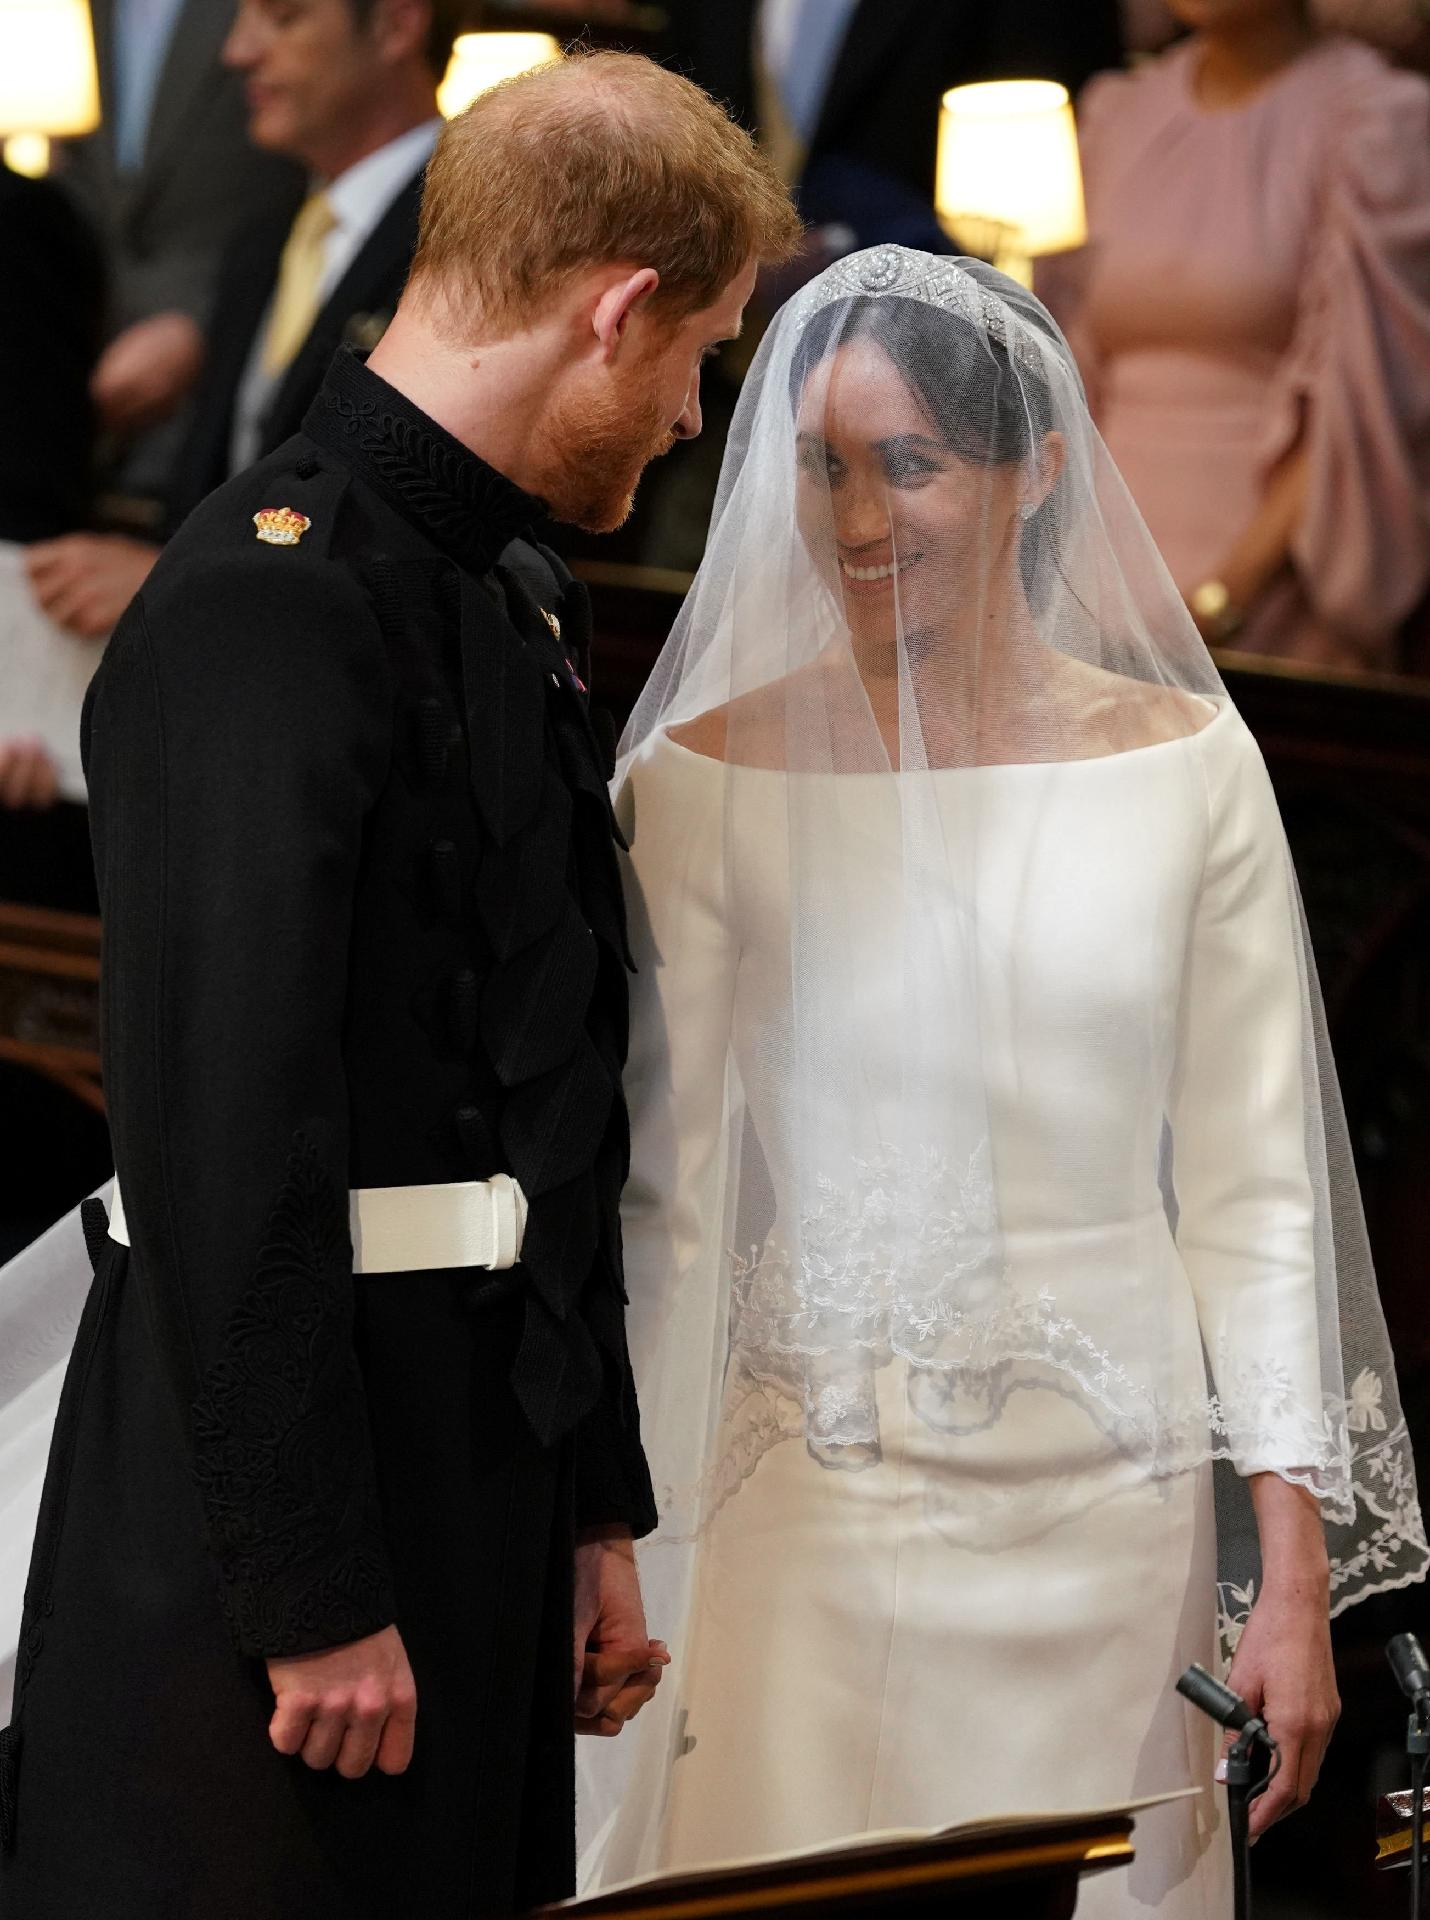 Casamento real 2018  Príncipe Harry e Meghan Markle dizem